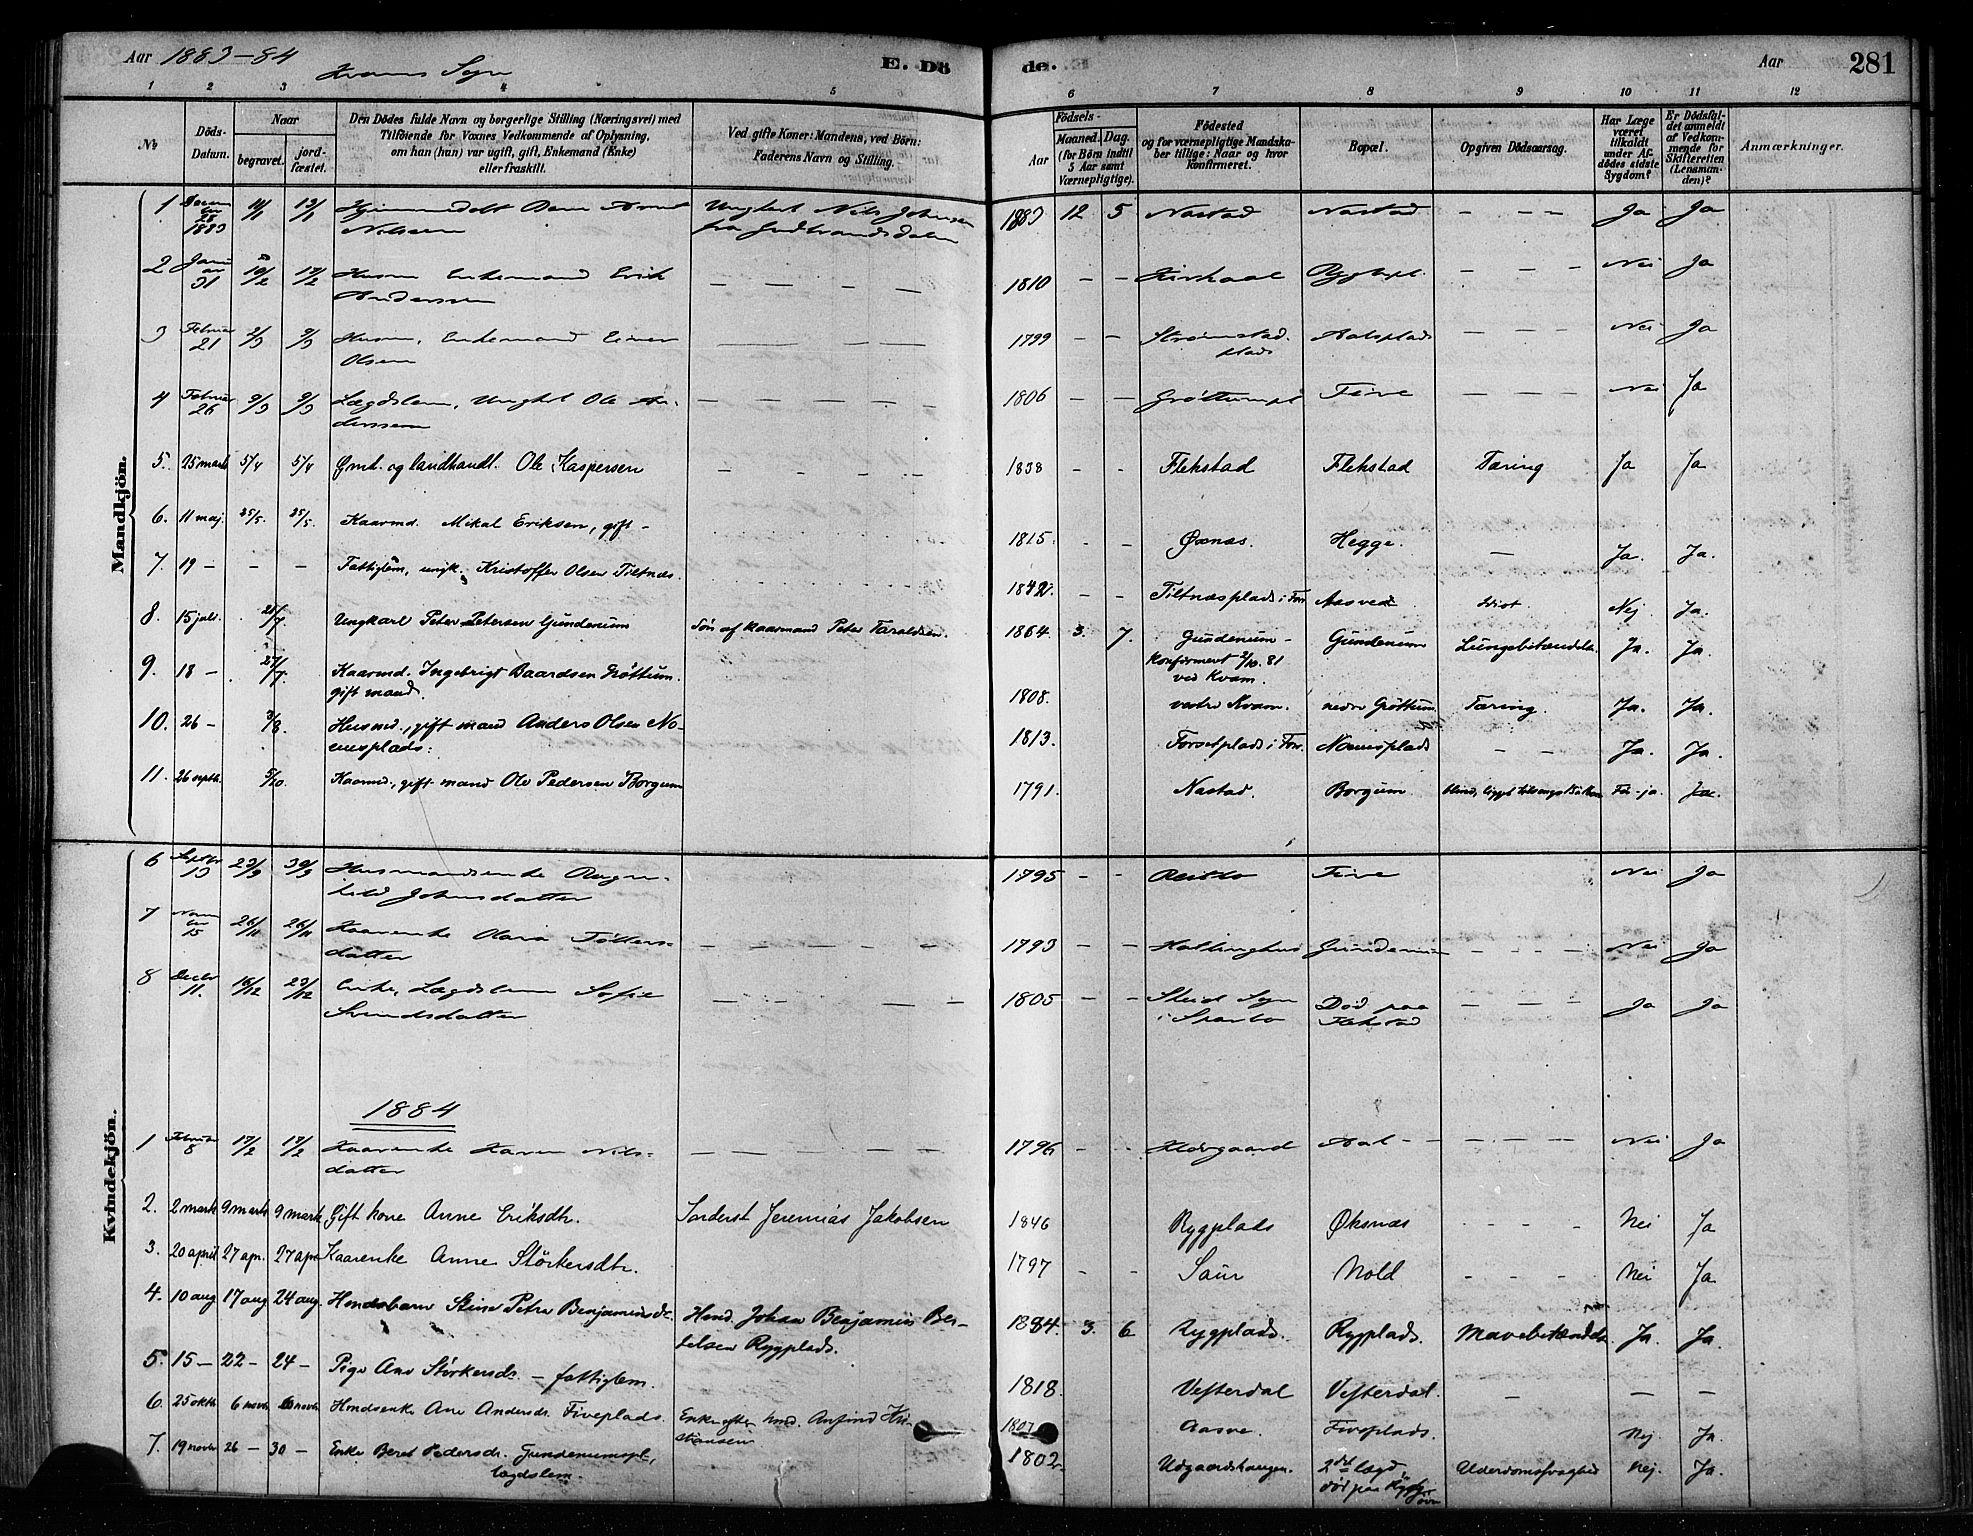 SAT, Ministerialprotokoller, klokkerbøker og fødselsregistre - Nord-Trøndelag, 746/L0449: Ministerialbok nr. 746A07 /2, 1878-1899, s. 281